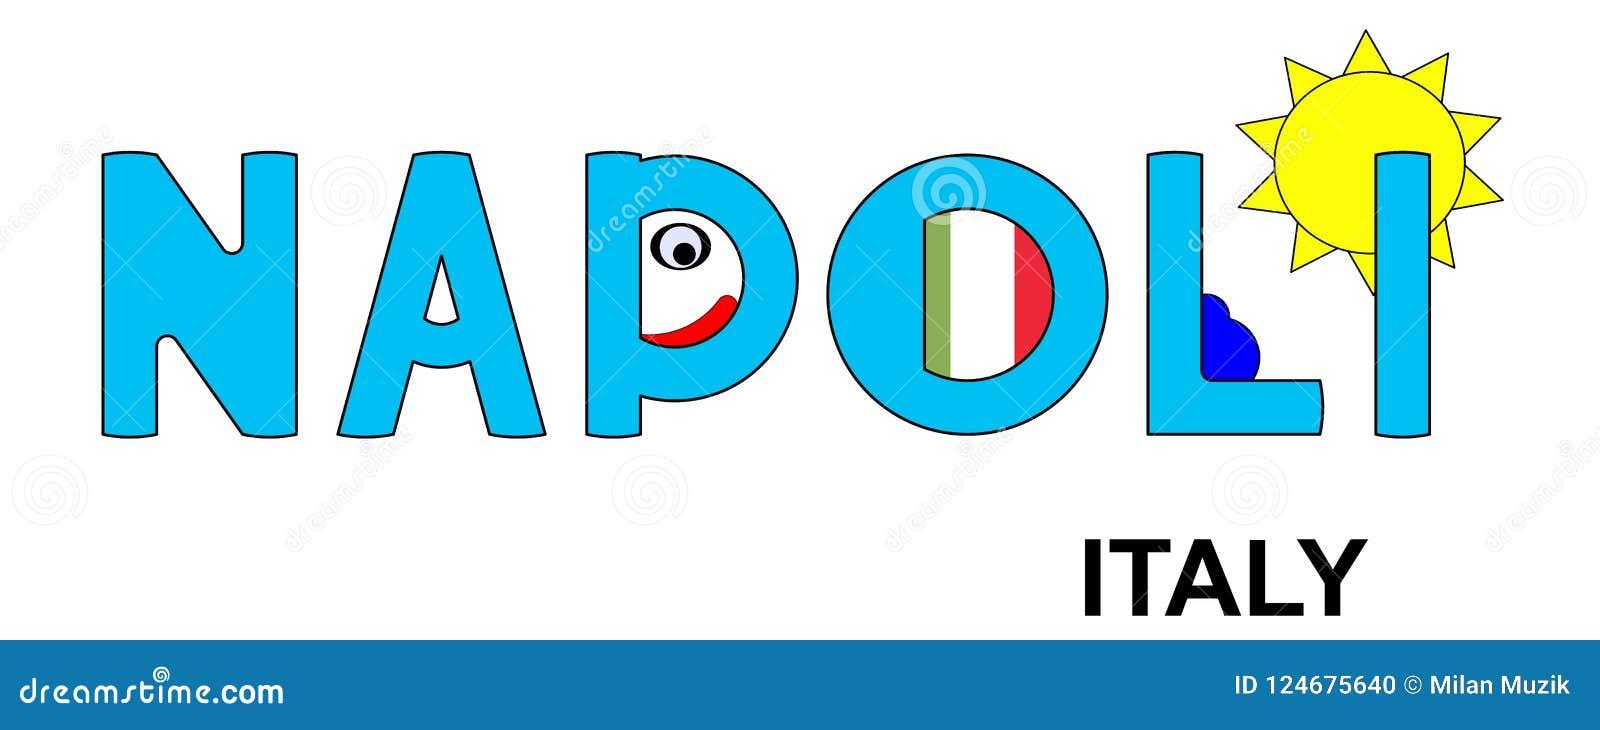 Napoli - Italien, abstrakte Aufschrift im Blau